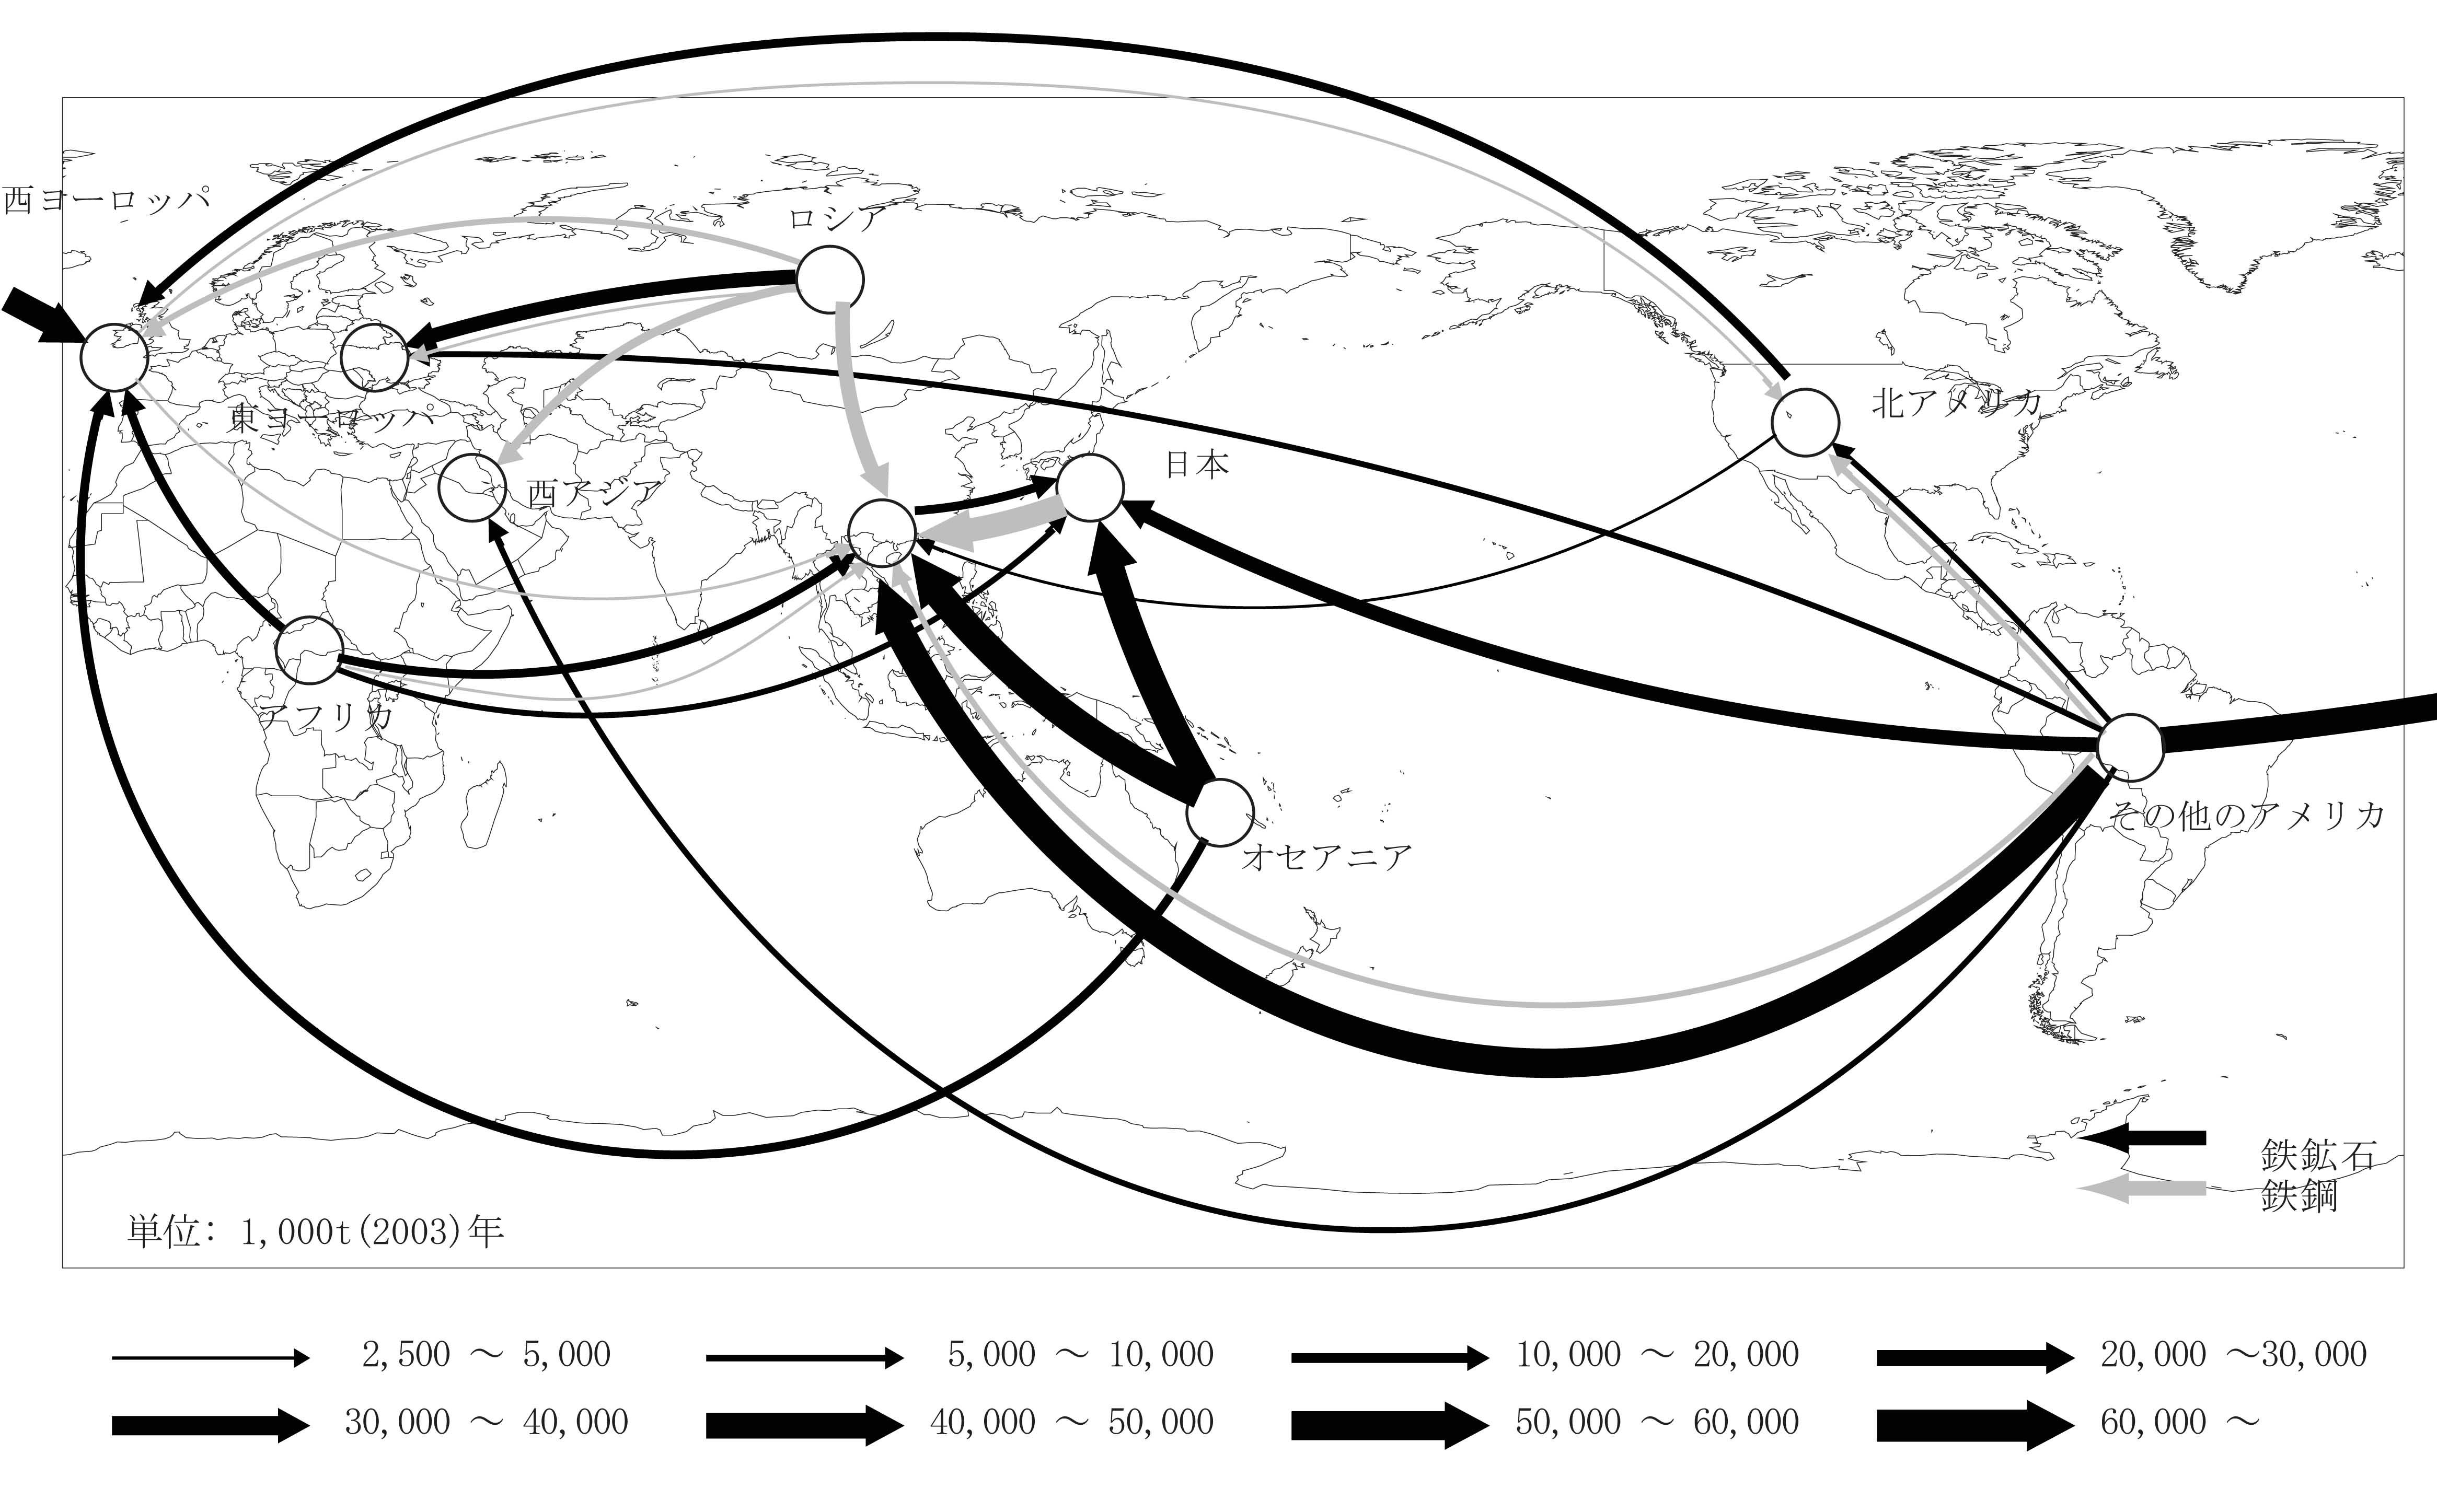 2-100 國立環境研究所hp「マテリアルフローデータブック 第3版」の流線図を活用する③|地理屋にできること|